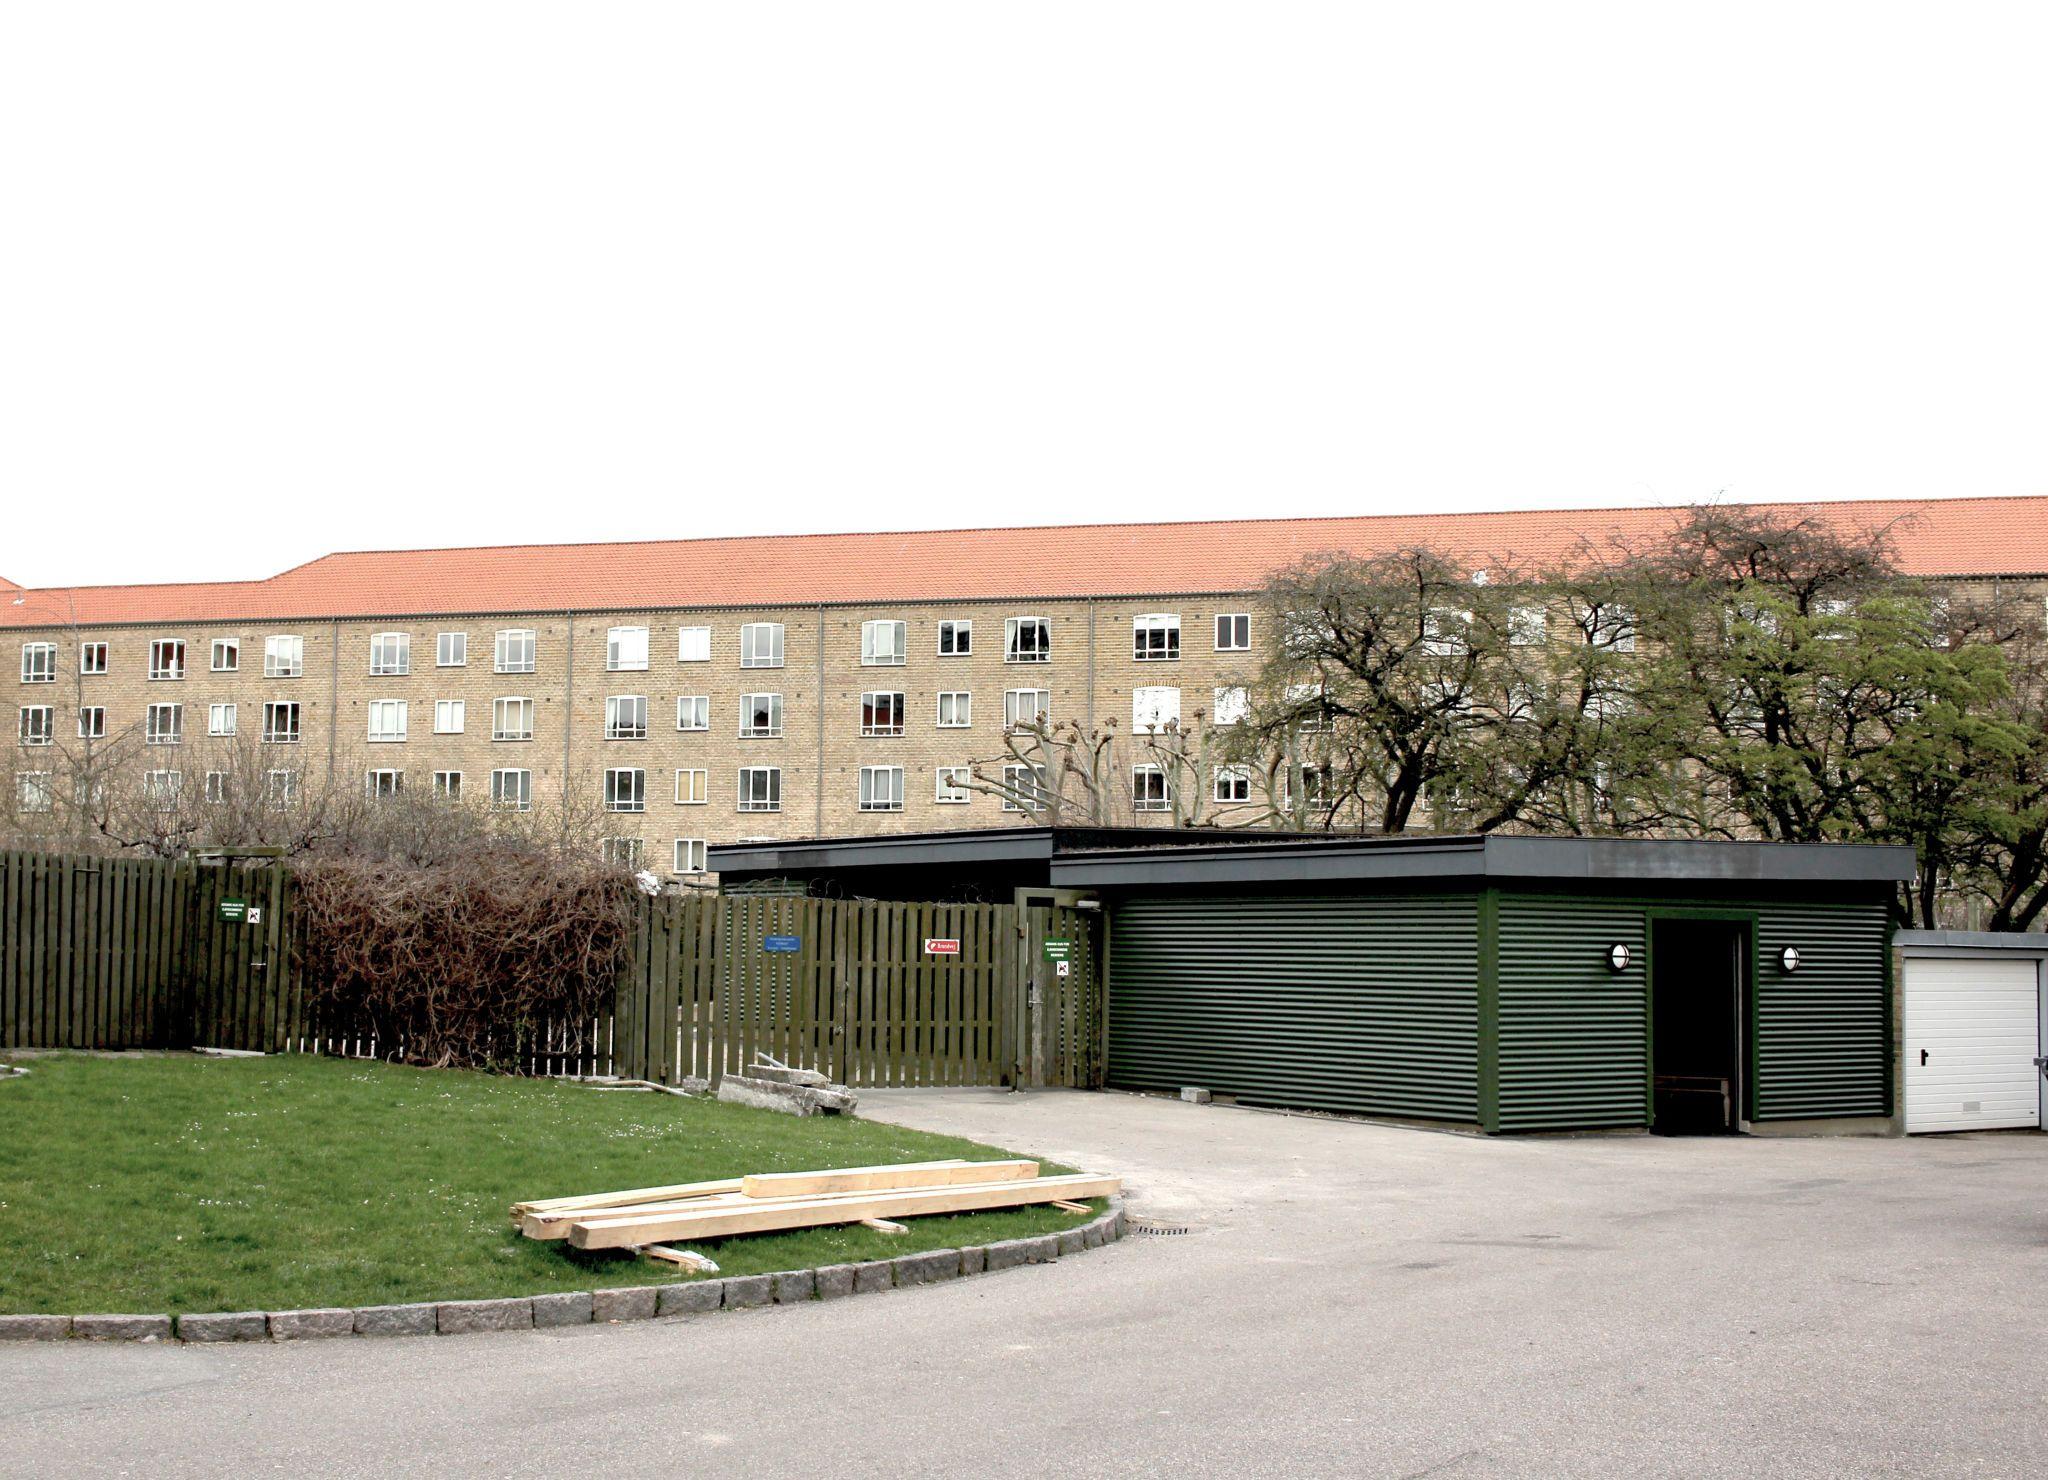 Abildgaard 1